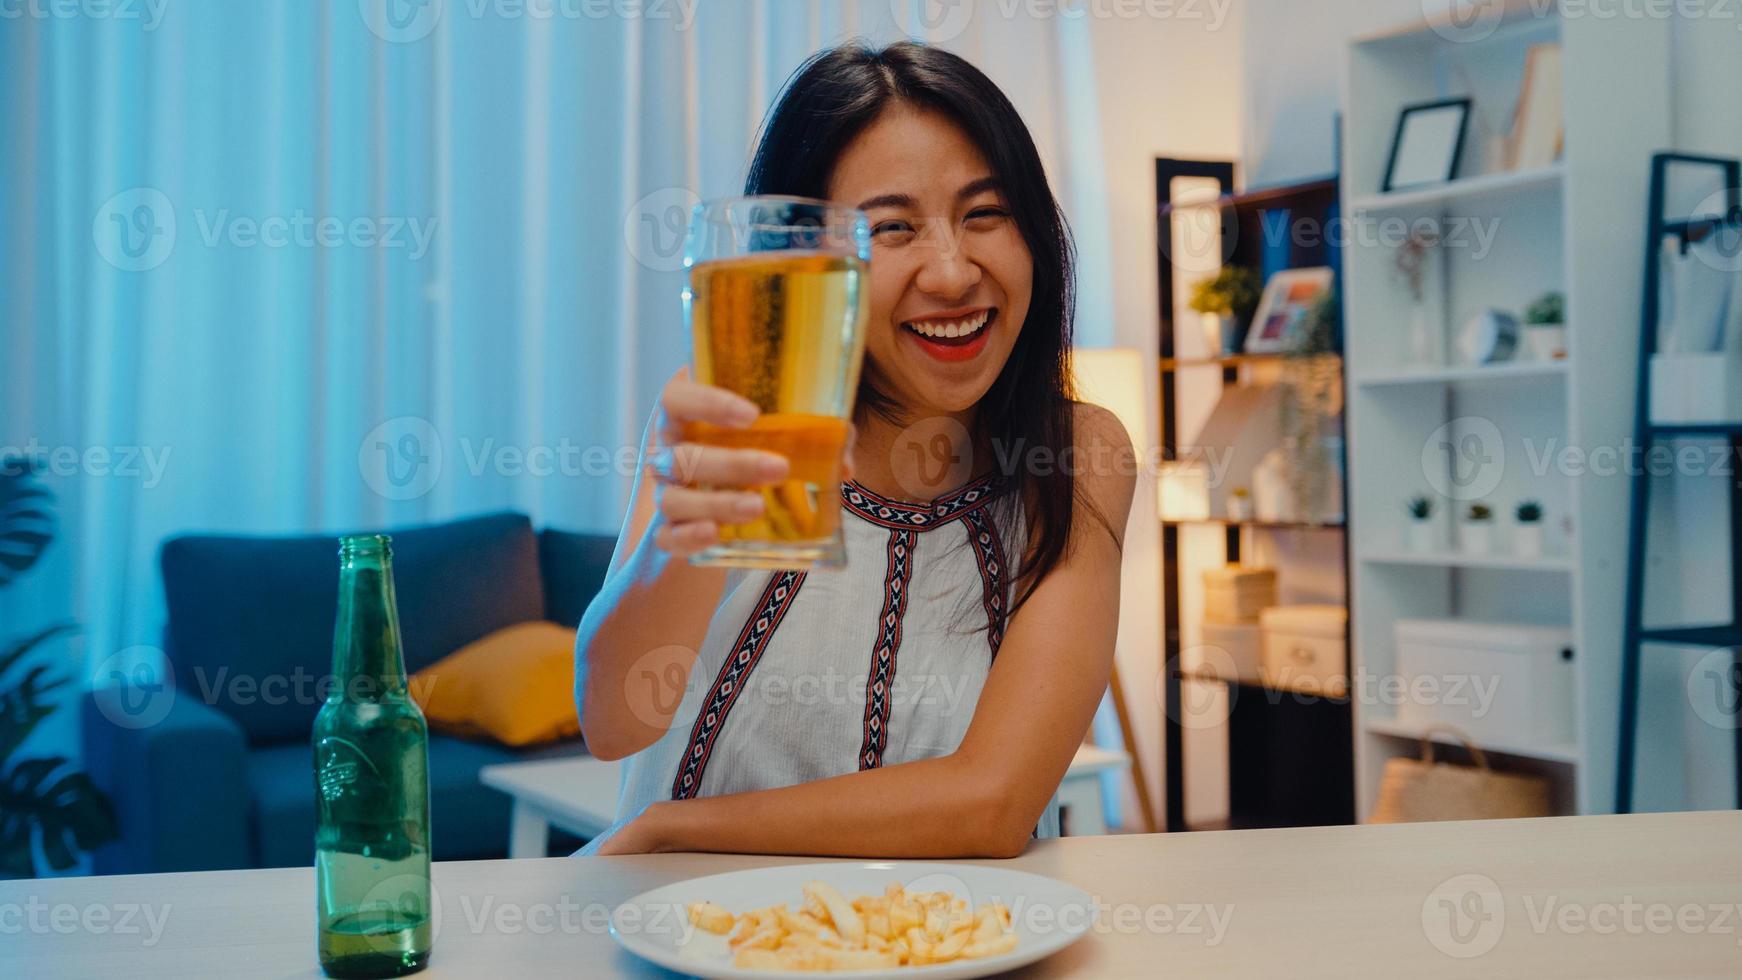 jeune femme asiatique buvant de la bière s'amusant bonne nuit fête du nouvel an célébration en ligne par appel vidéo par téléphone à la maison la nuit. distance sociale, quarantaine pour le coronavirus. point de vue ou pov photo